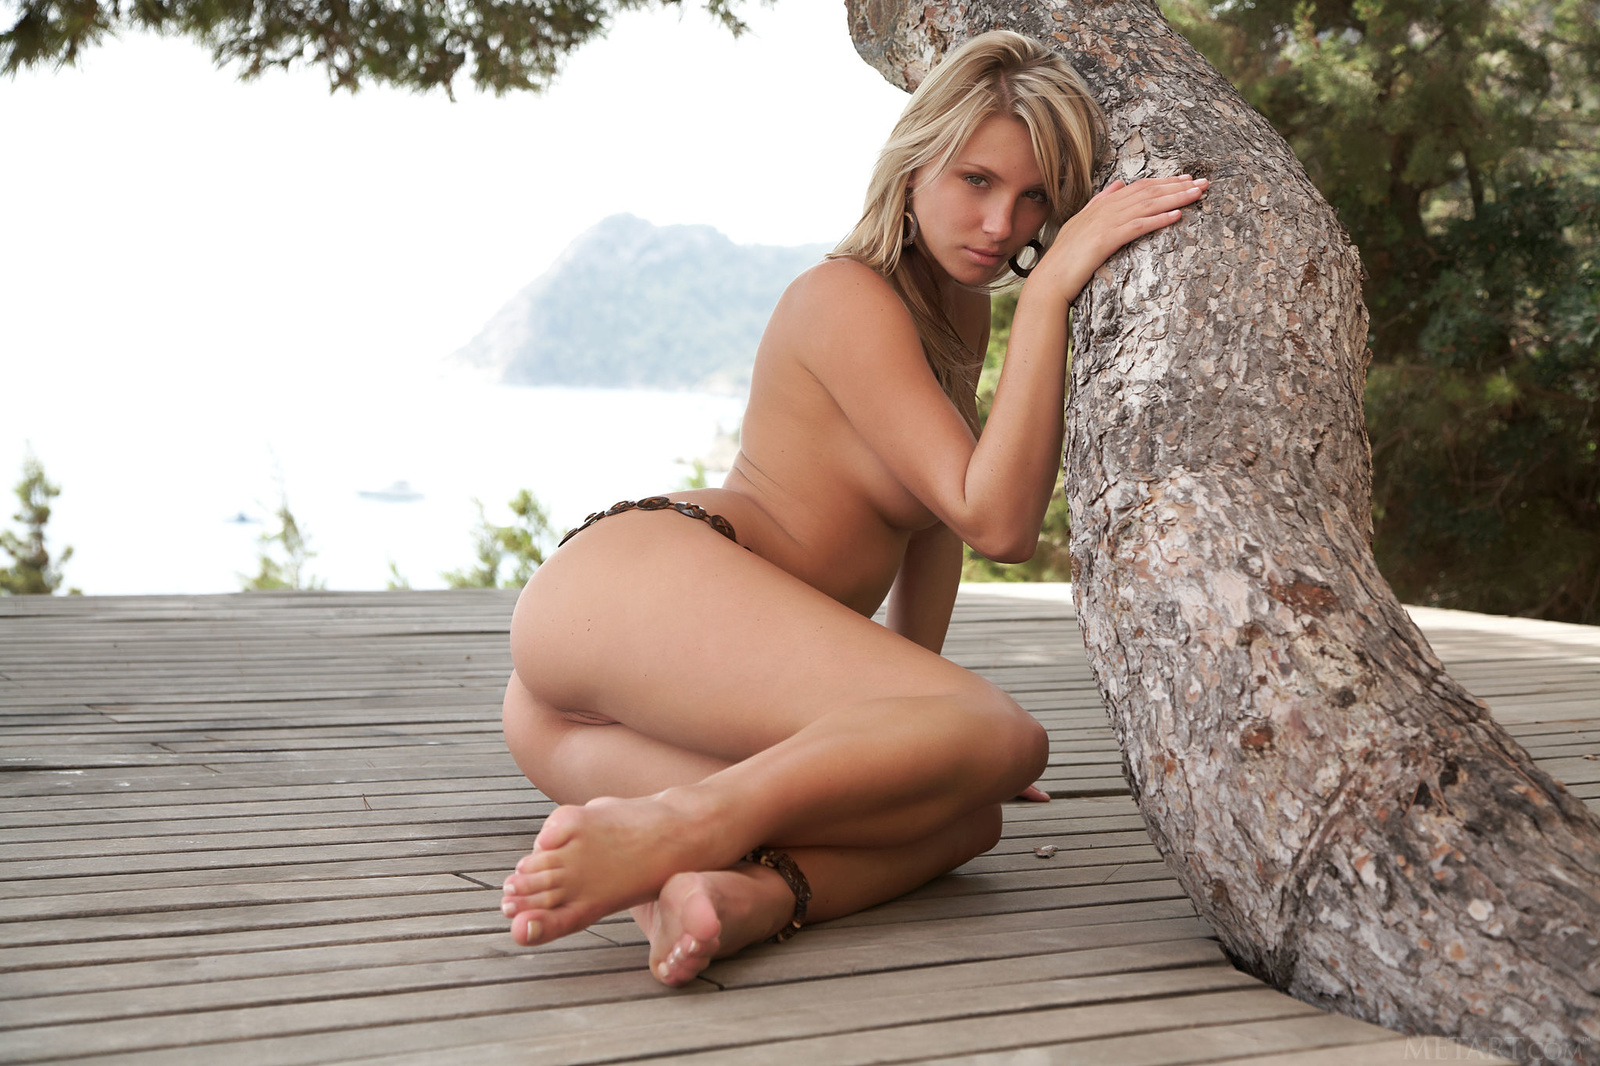 Zdjęcie porno - 0210 - Piękna przy drzewie